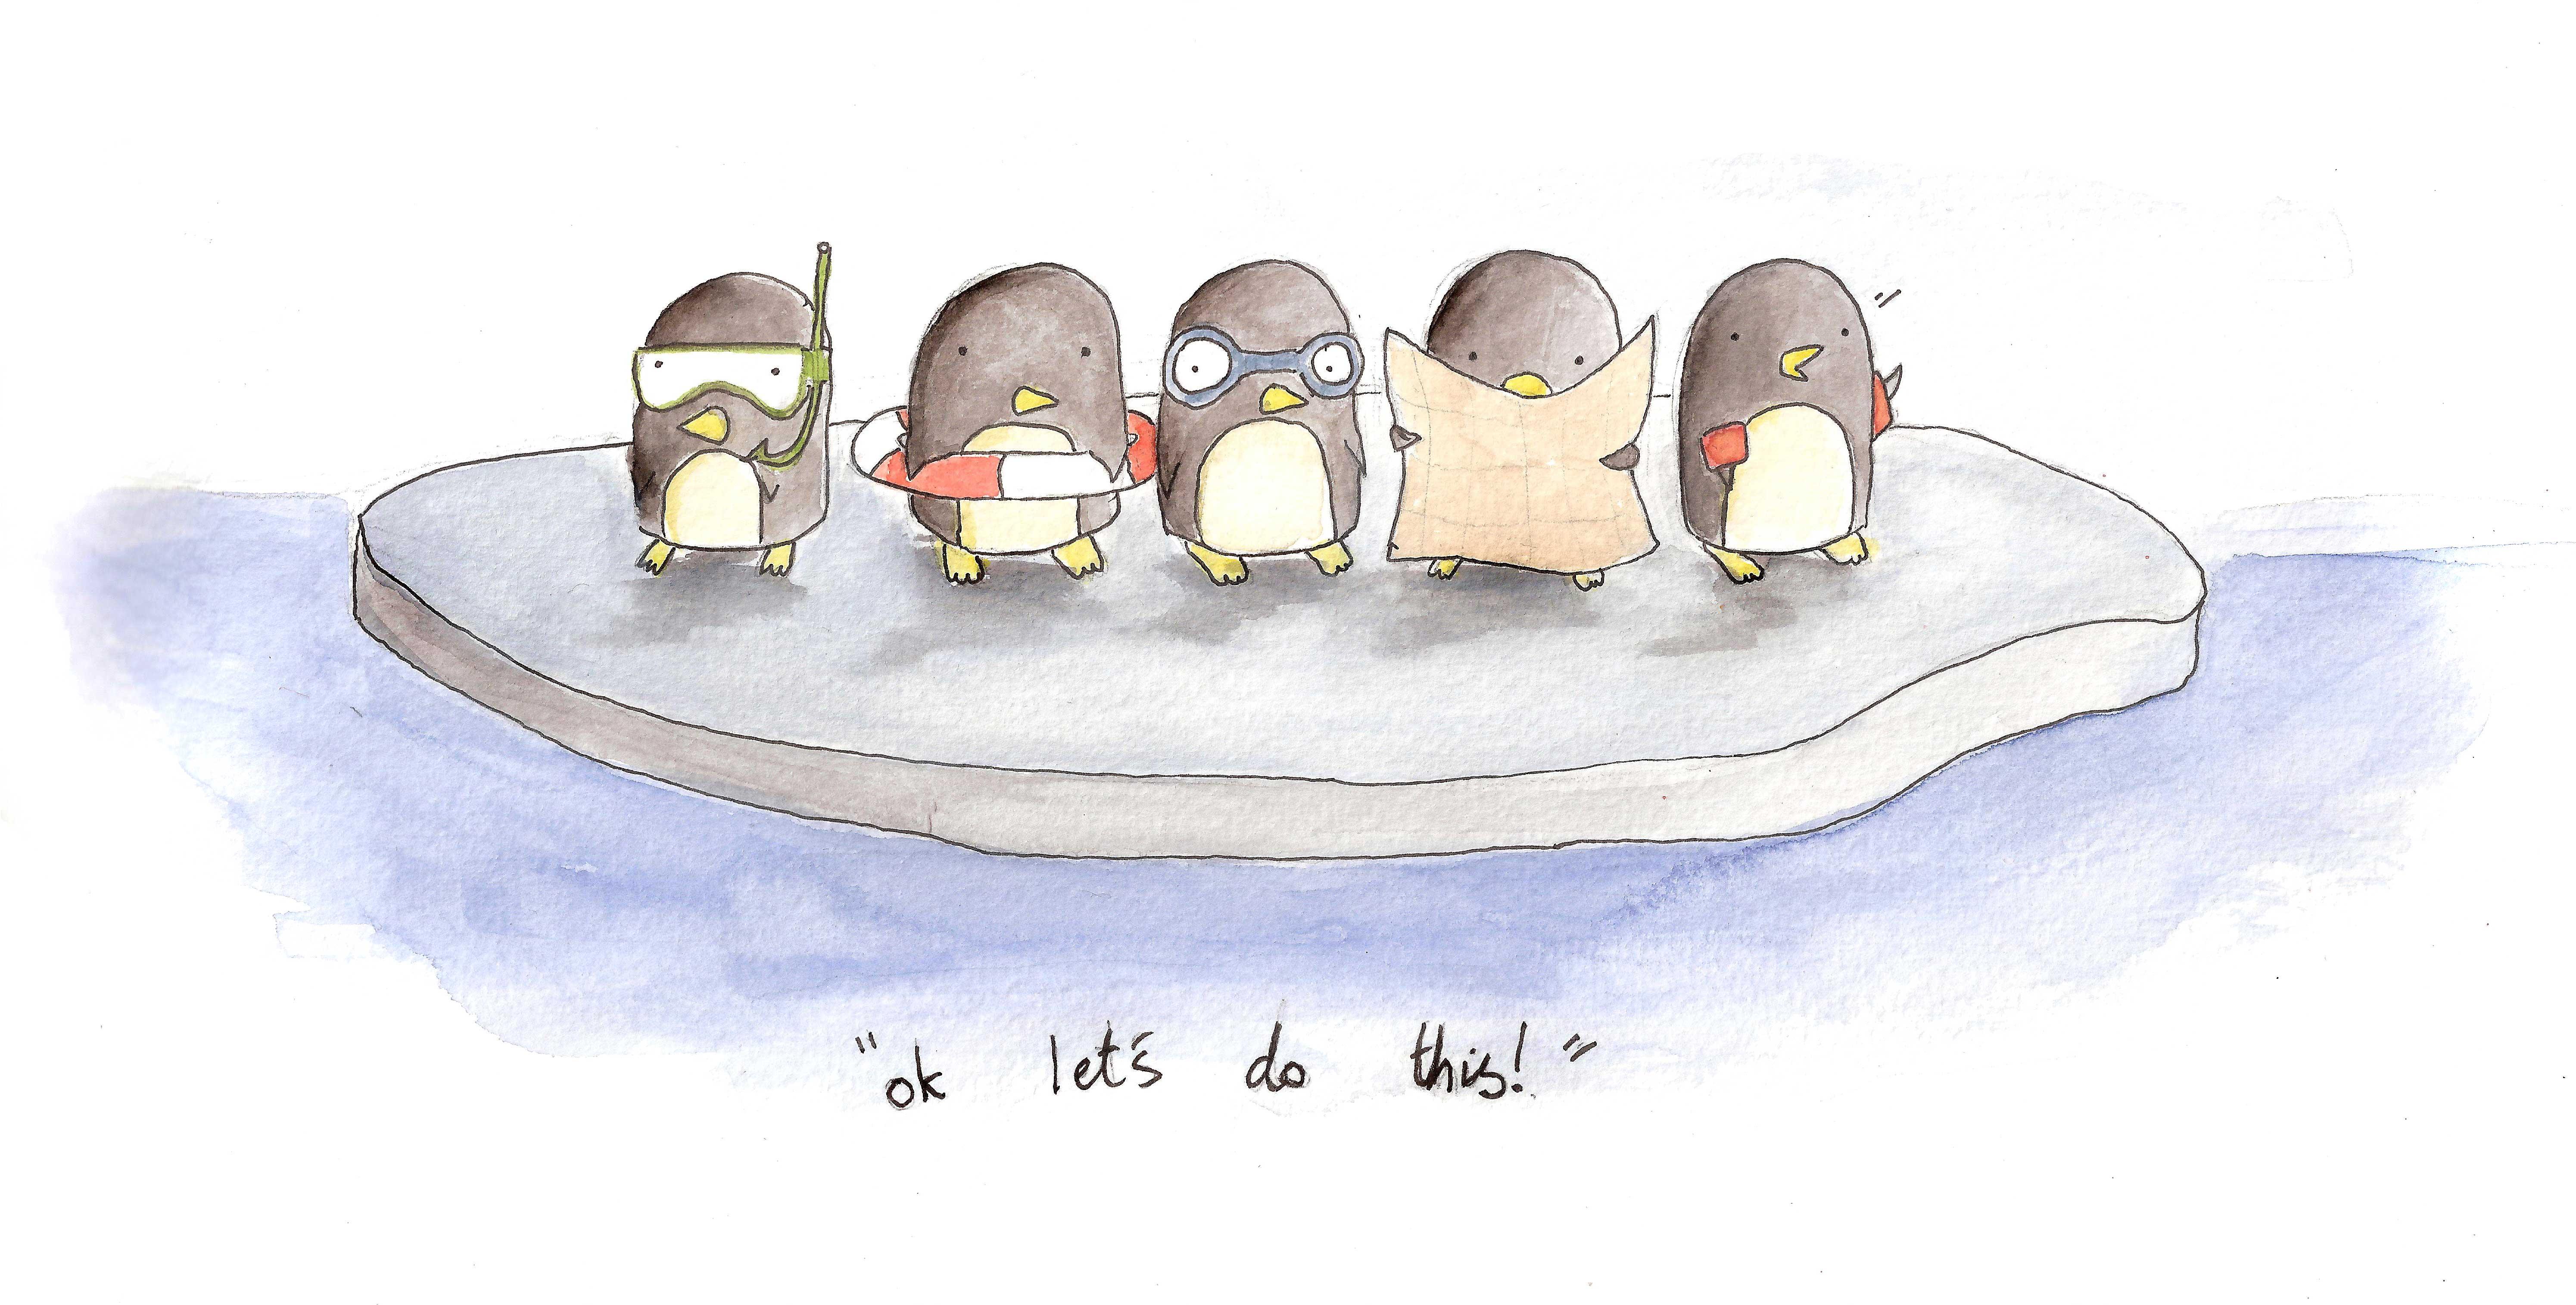 пейрони пингвины забавные картинки рисунки жирности используемой